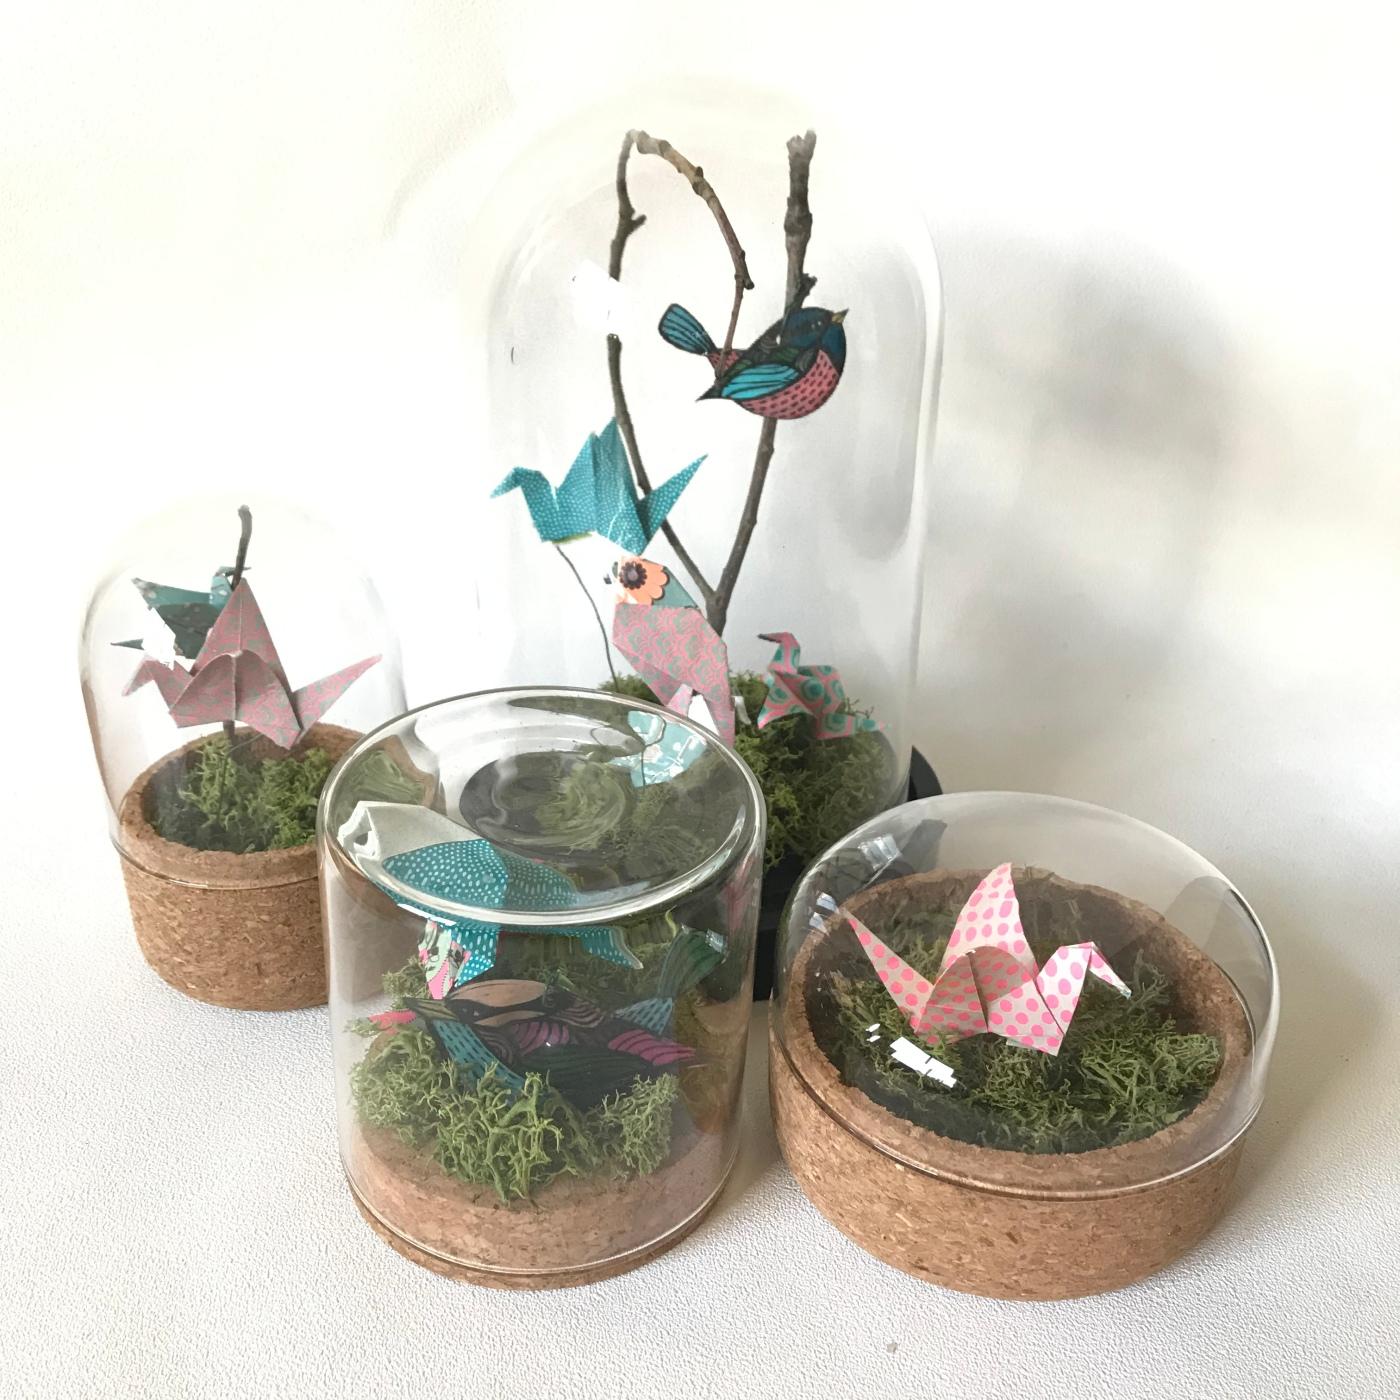 Une hirondelle ne fait pas le printemps- bricolage enfant - DIY - craft for kids - déco sou cloche - printemps - origami - oiseaux - branchages - plastique dingue - Image à la une